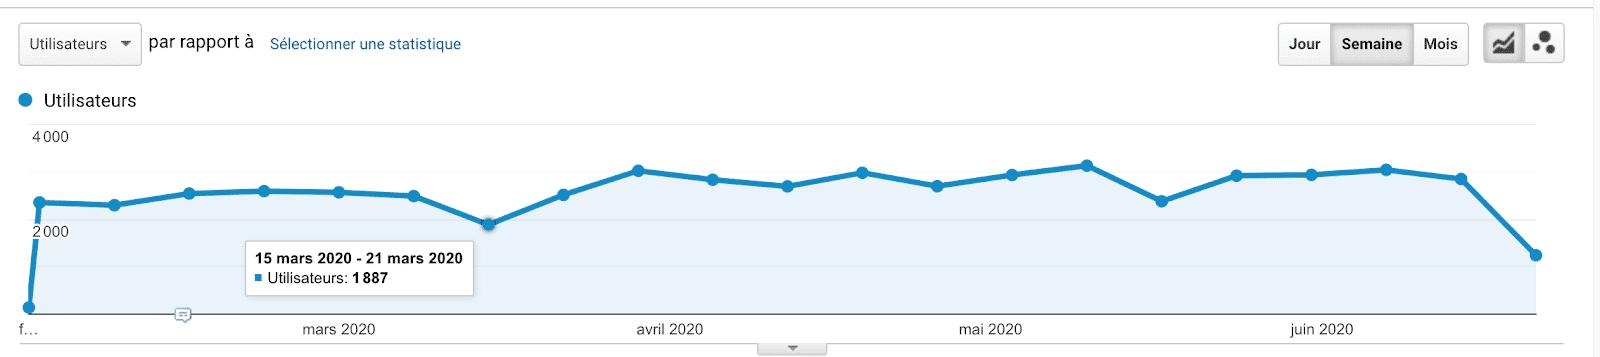 Courbe de l'évolution du trafic web sur le site Plezi.co